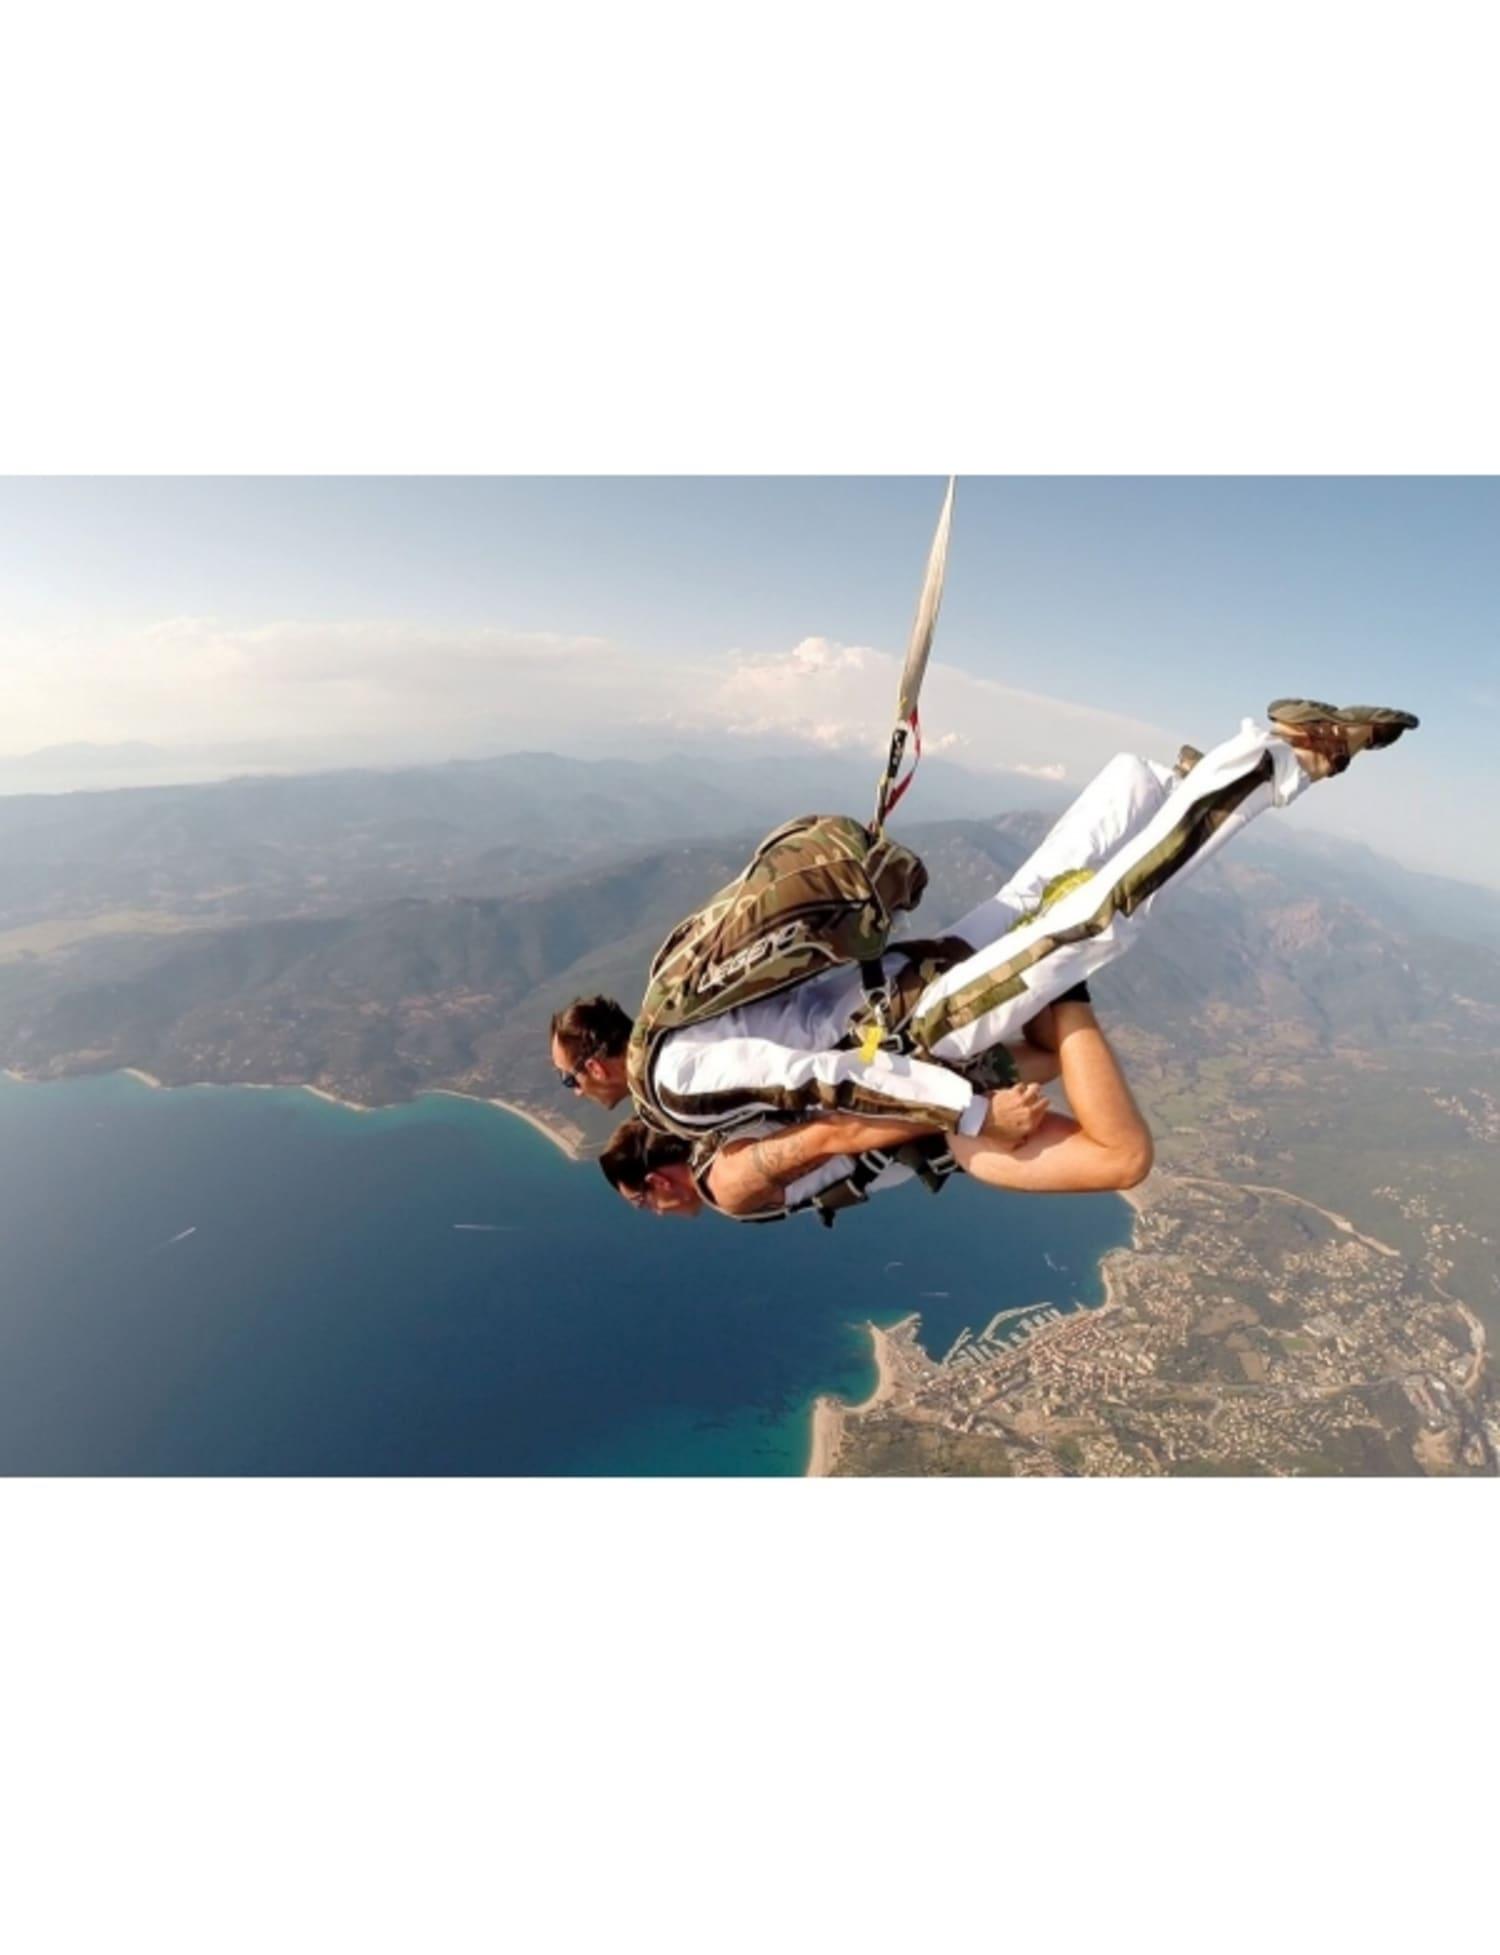 Saut en parachute proche de Marseille : Site le Luc - BRIGNOLES